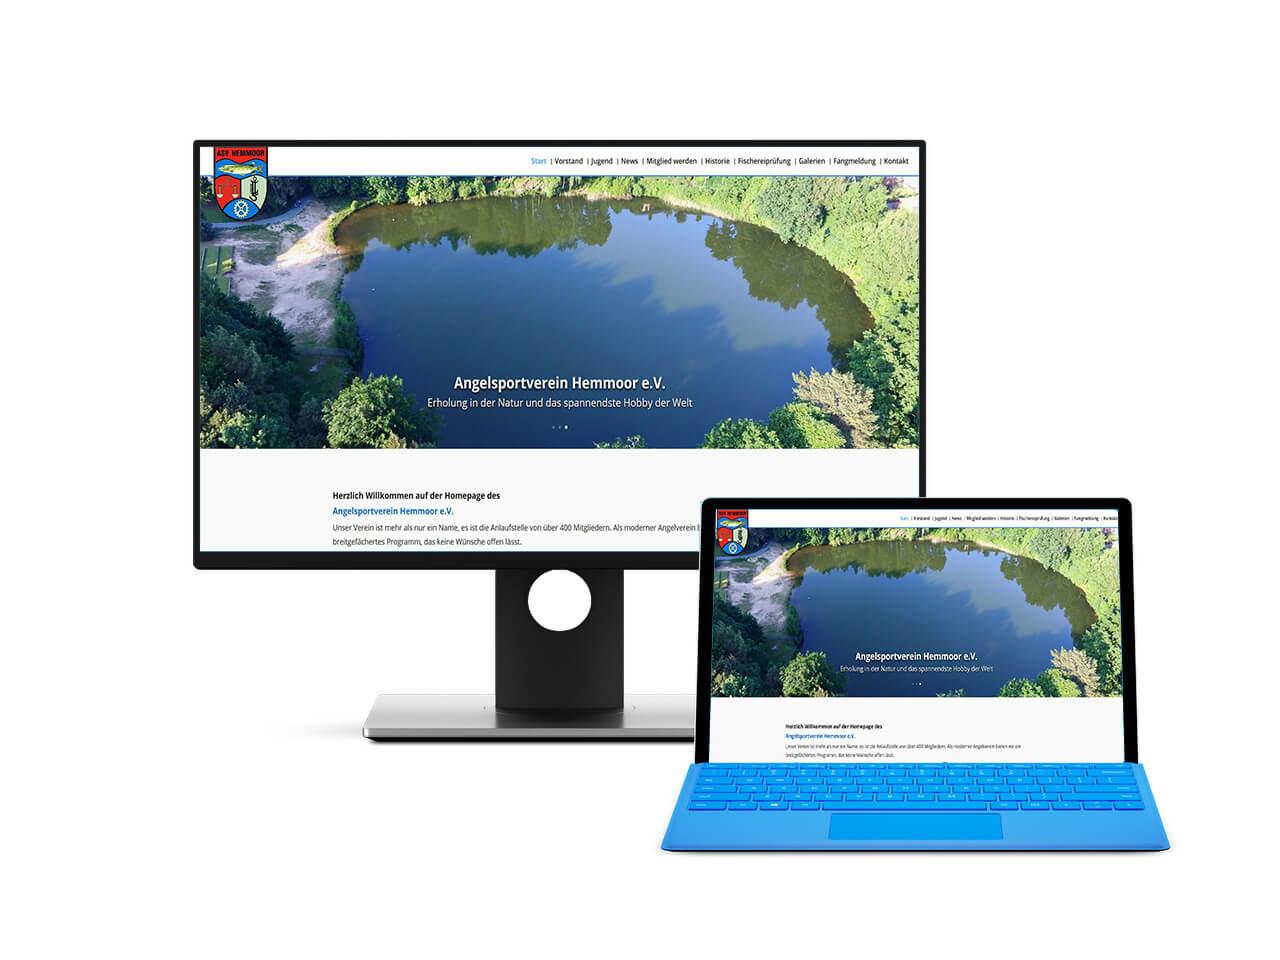 Webdesign Hechthausen - Darstellung eines Screenshots der erstellten Seite für den Angelsportverein Hemmoor